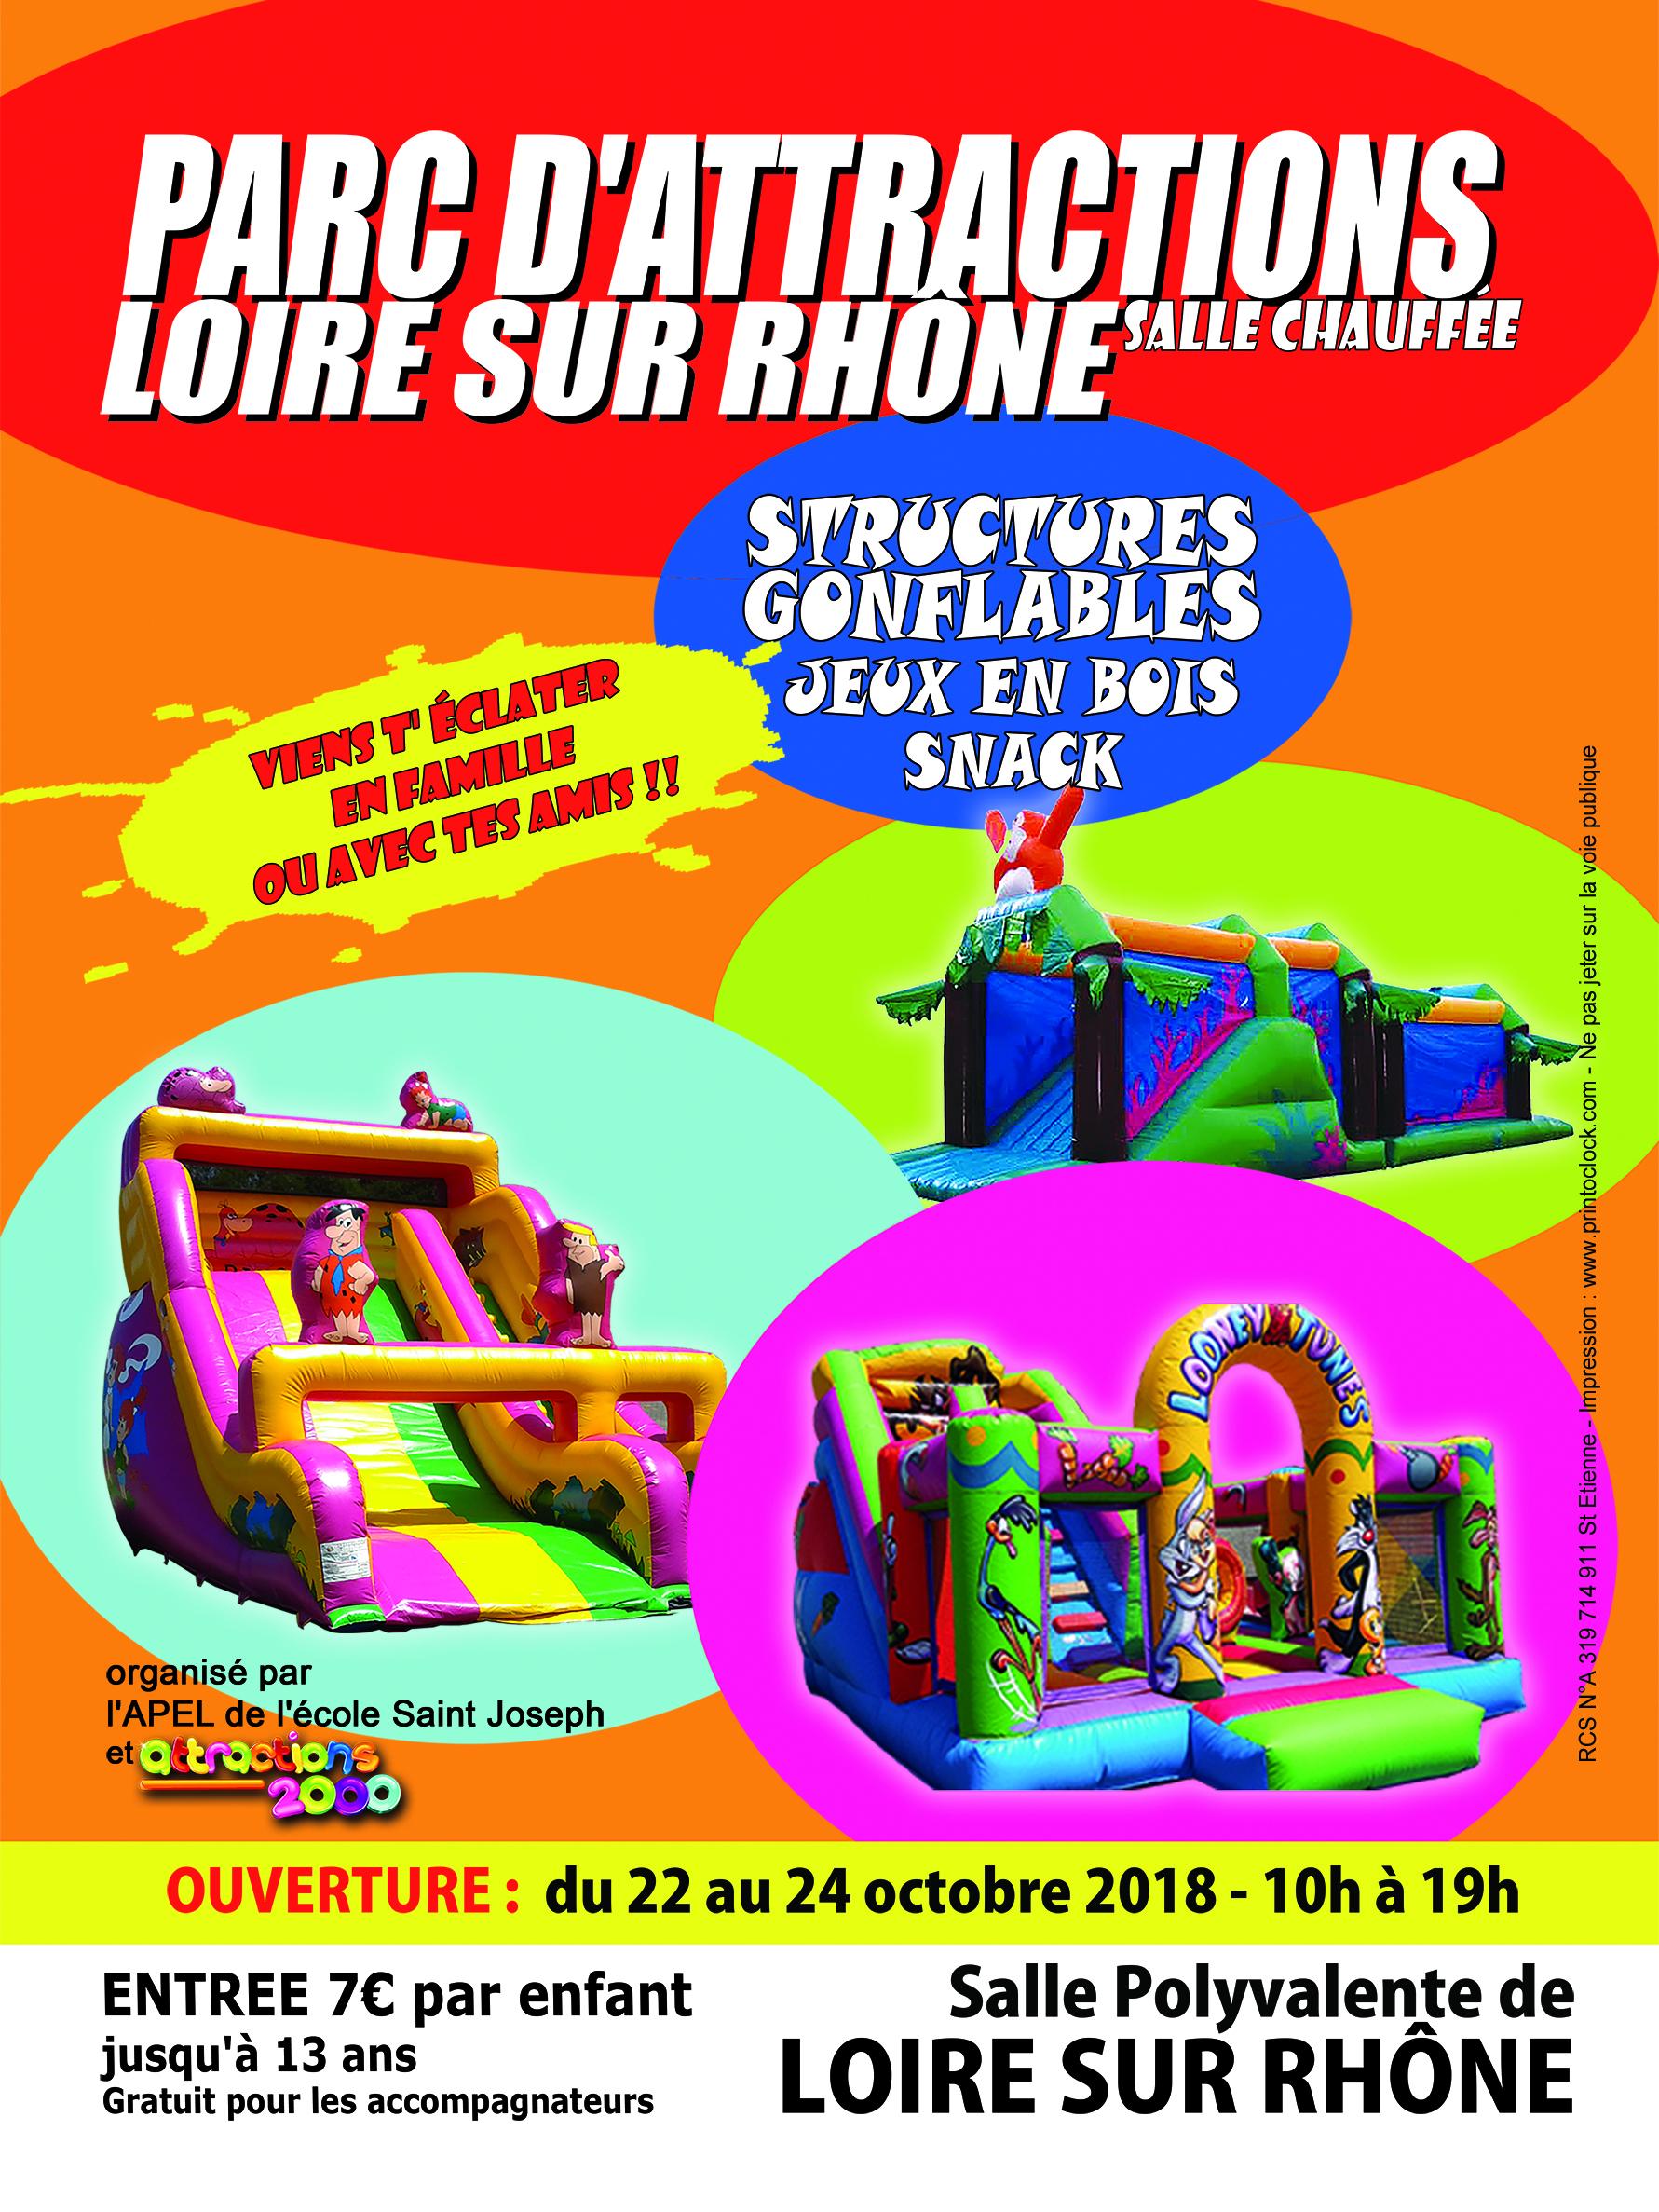 Parc De Jeux Gonflables - Loire-Sur-Rhône - Parcs De Loisirs à Jeux D Enfans Gratuit